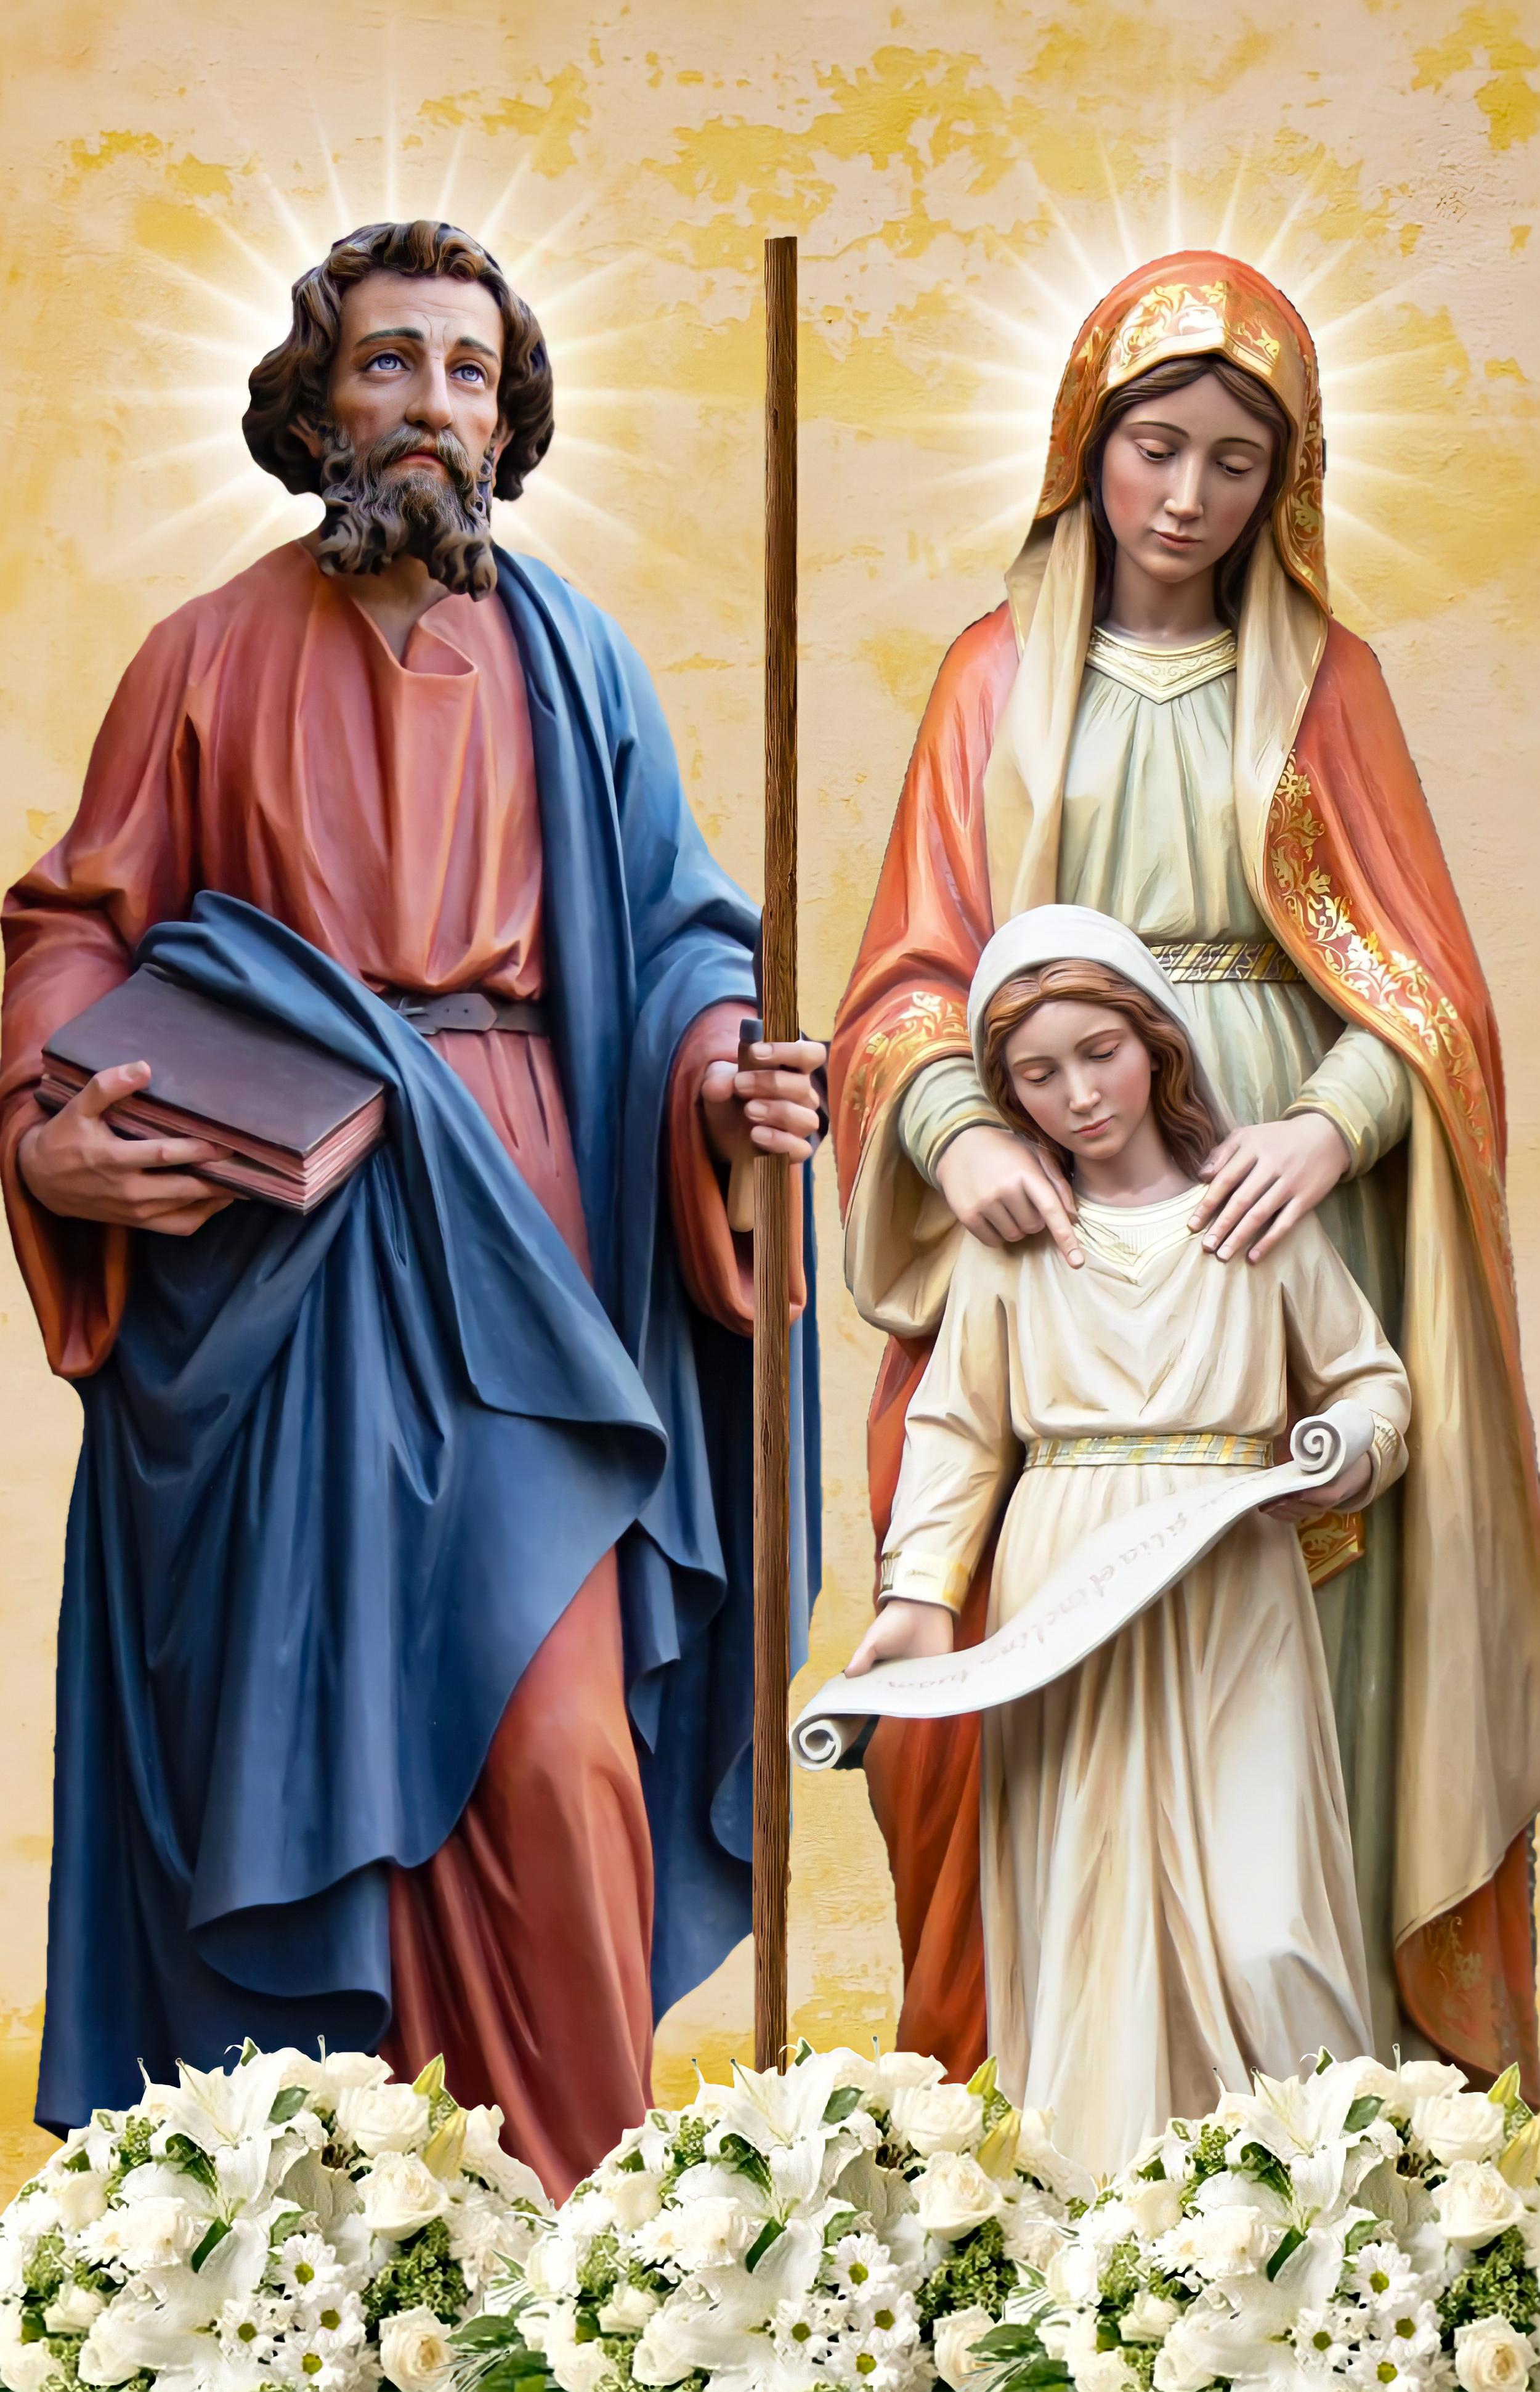 അനുദിന വിശുദ്ധർ   ജൂലൈ 26   Daily Saints   July 26   Sts. Joachim & Anne   വിശുദ്ധ ജോവാക്കിമും വിശുദ്ധ ഹന്നായും